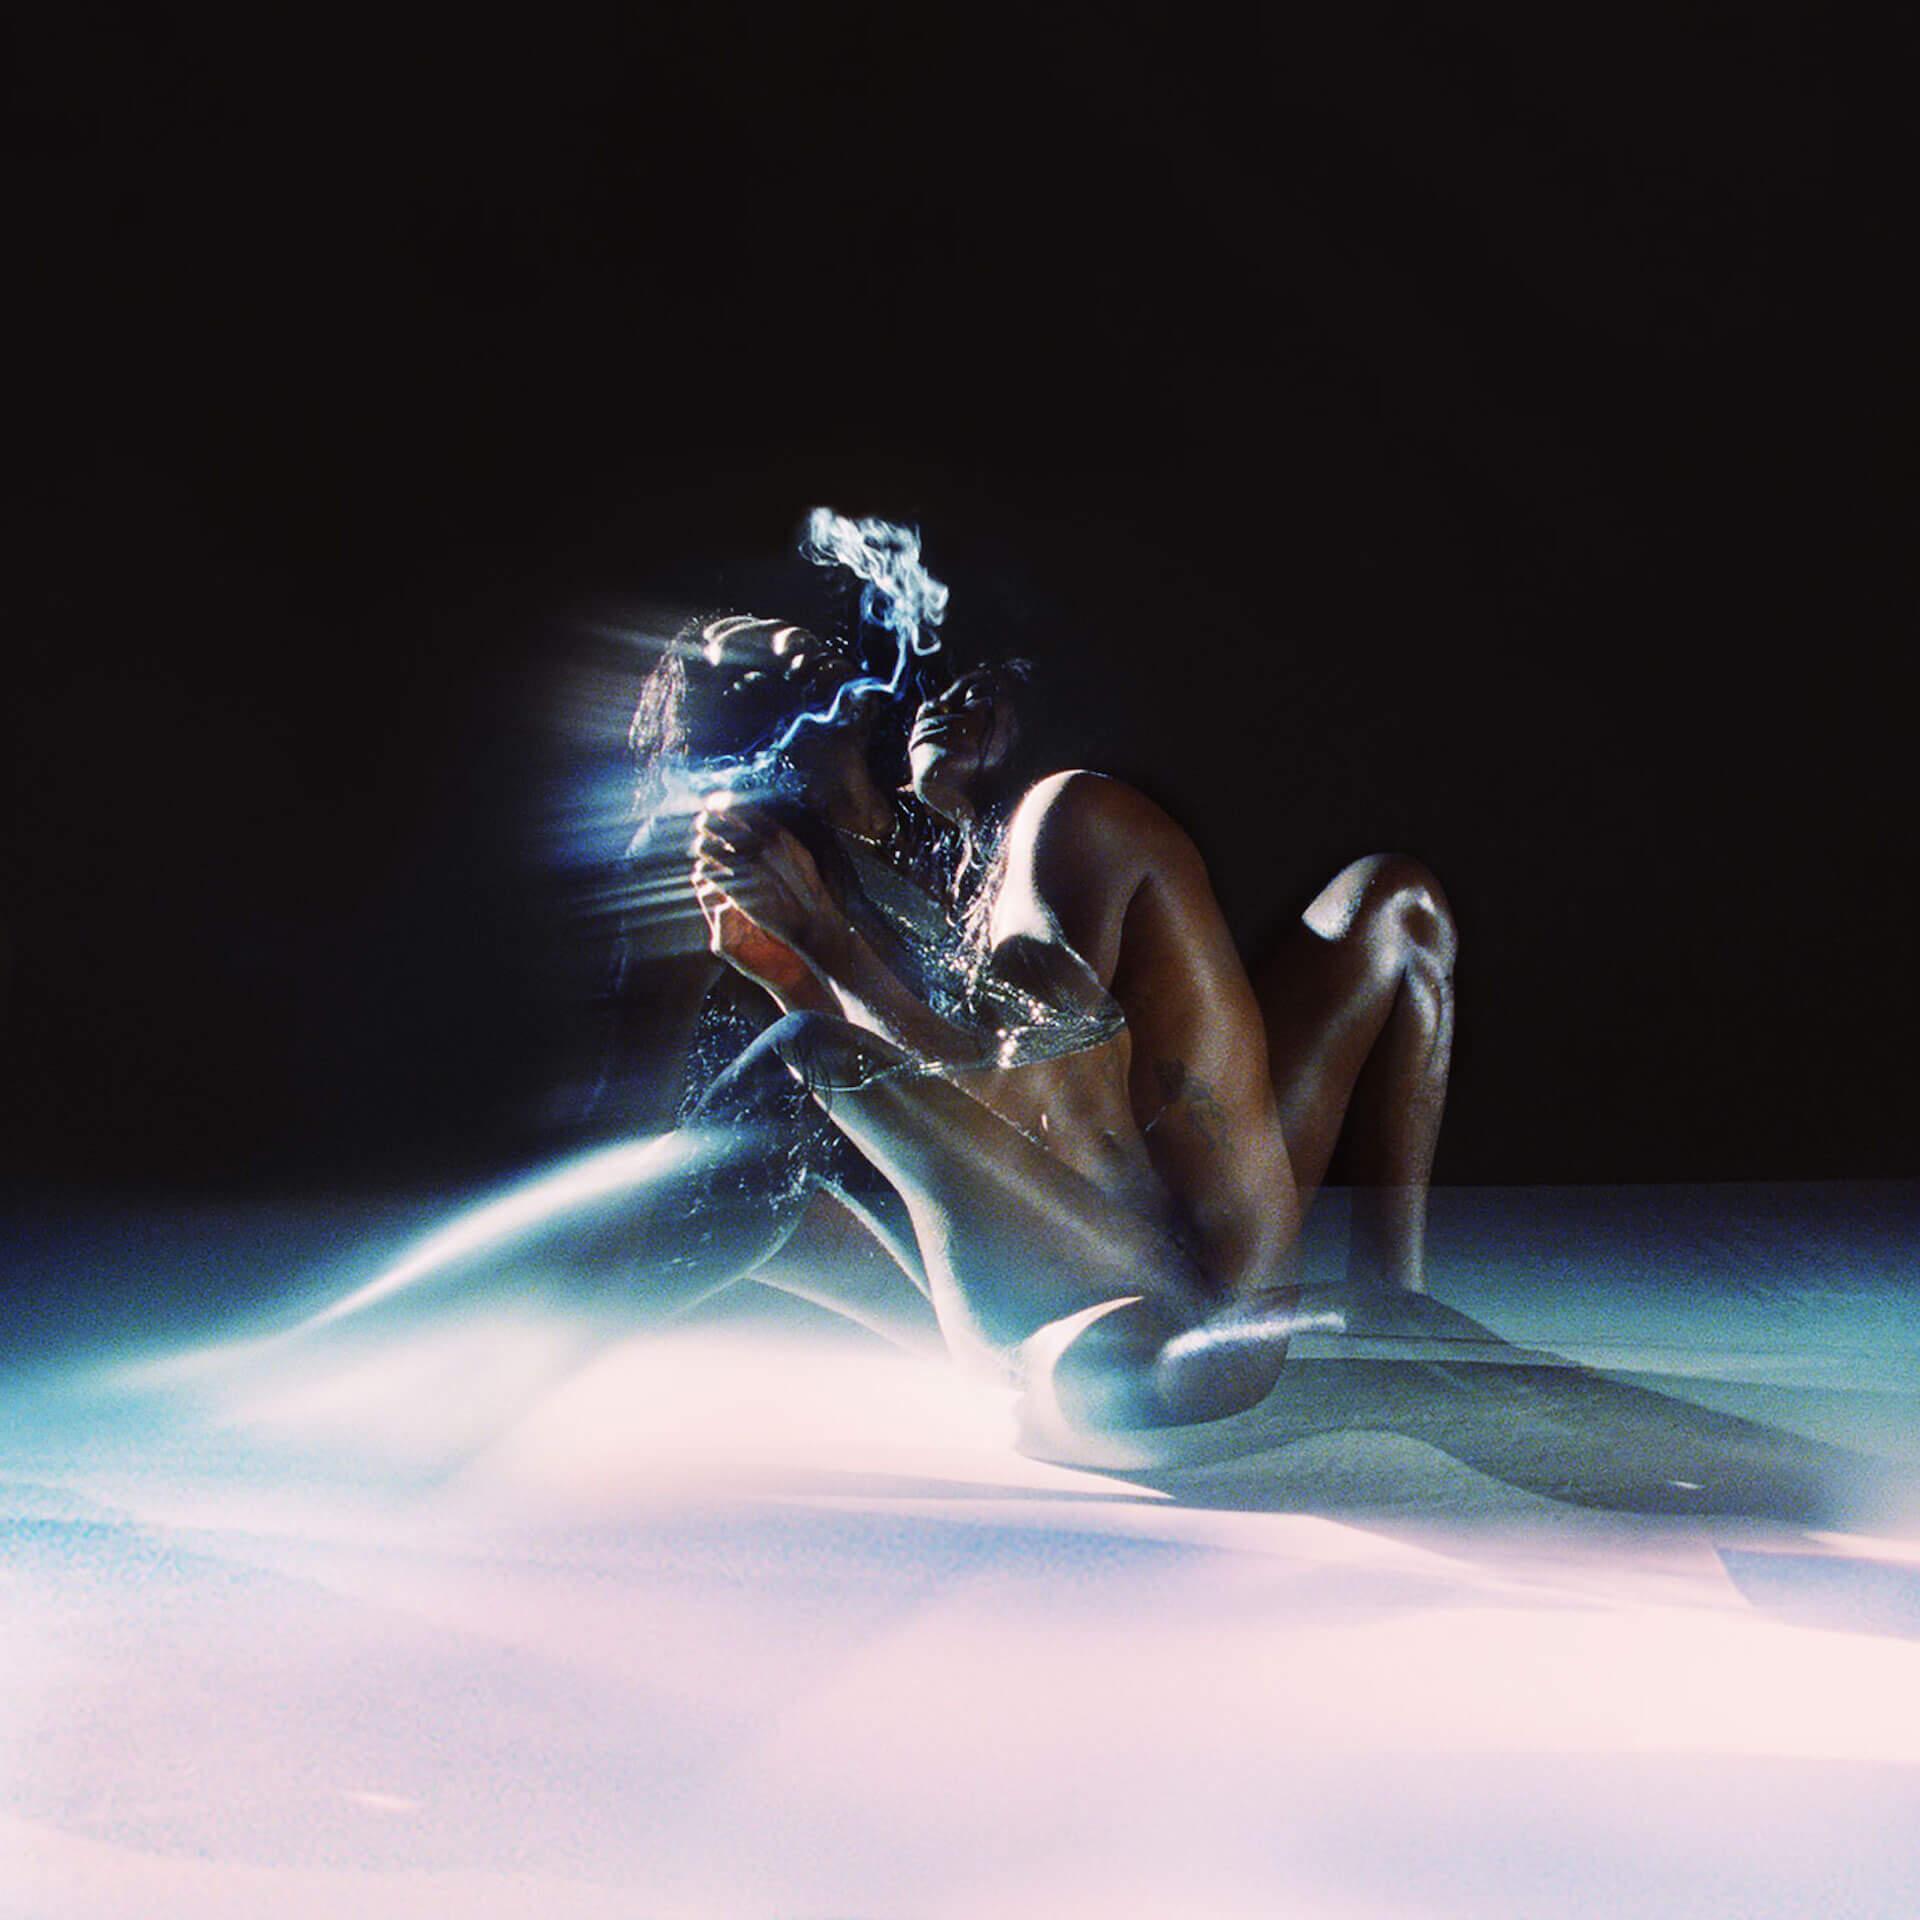 """Yves Tumorがニューアルバムから""""Romanticist""""、""""Dream Palette""""を同時公開!Kelsey Lu、Julia Cummingが参加 music200331_yvestumor_03"""